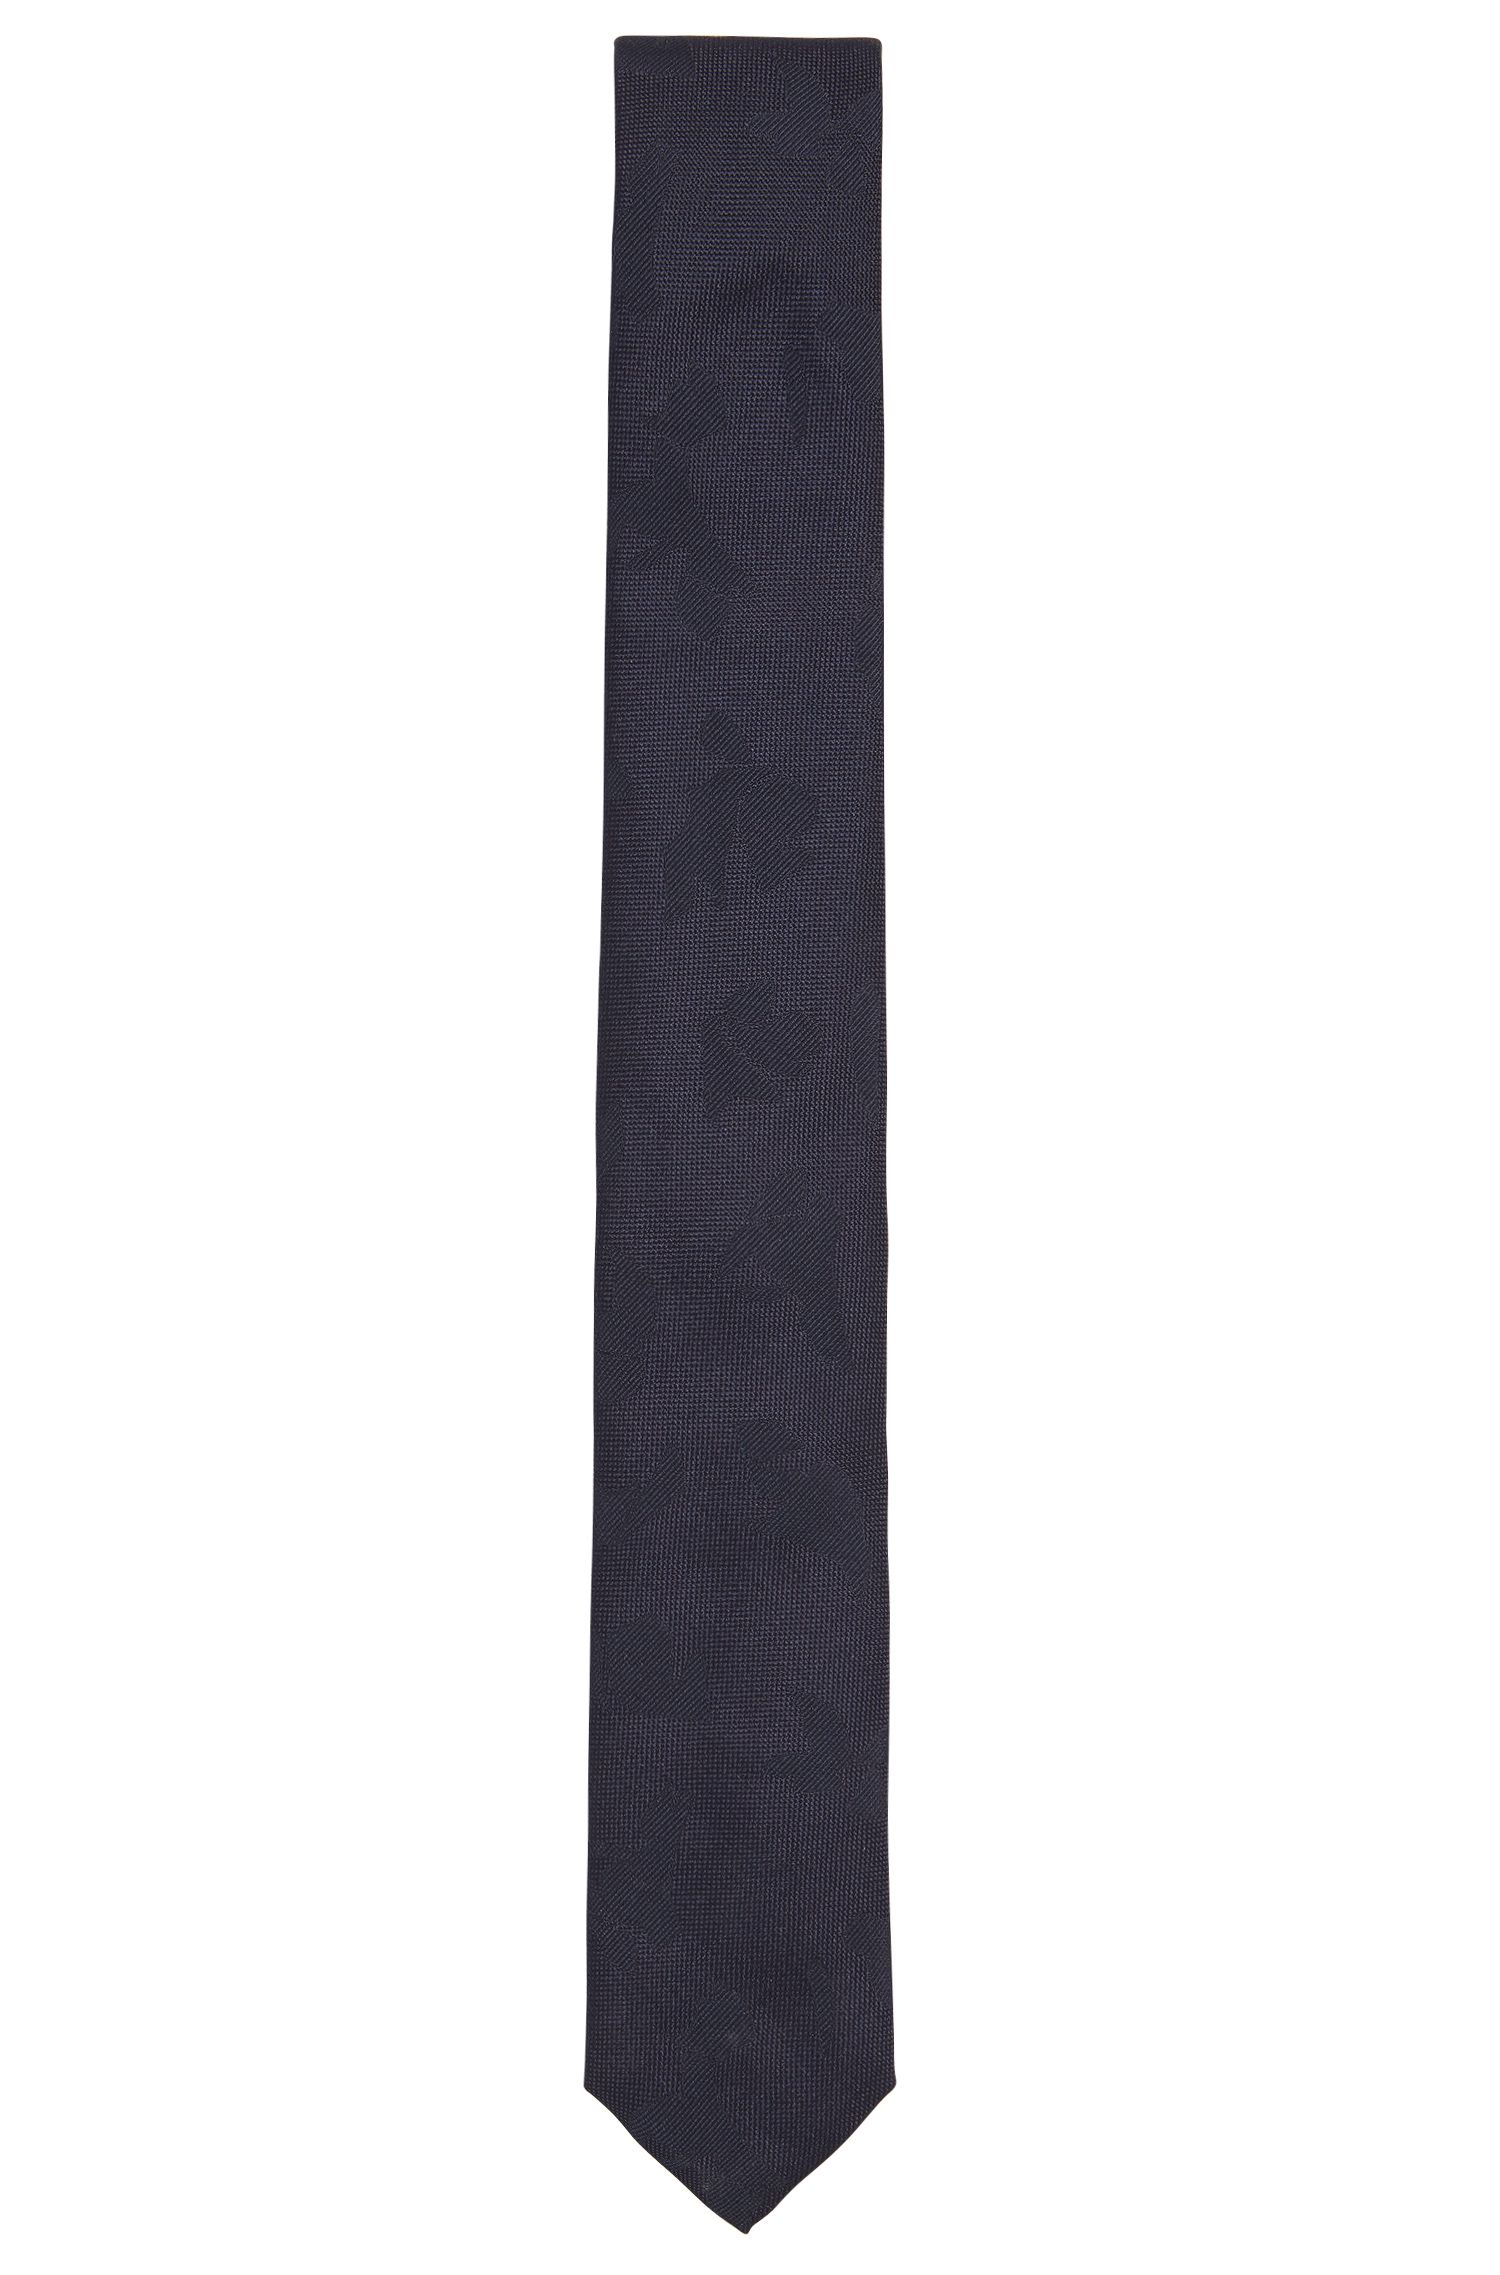 Cravatta in seta con motivo astratto tono su tono